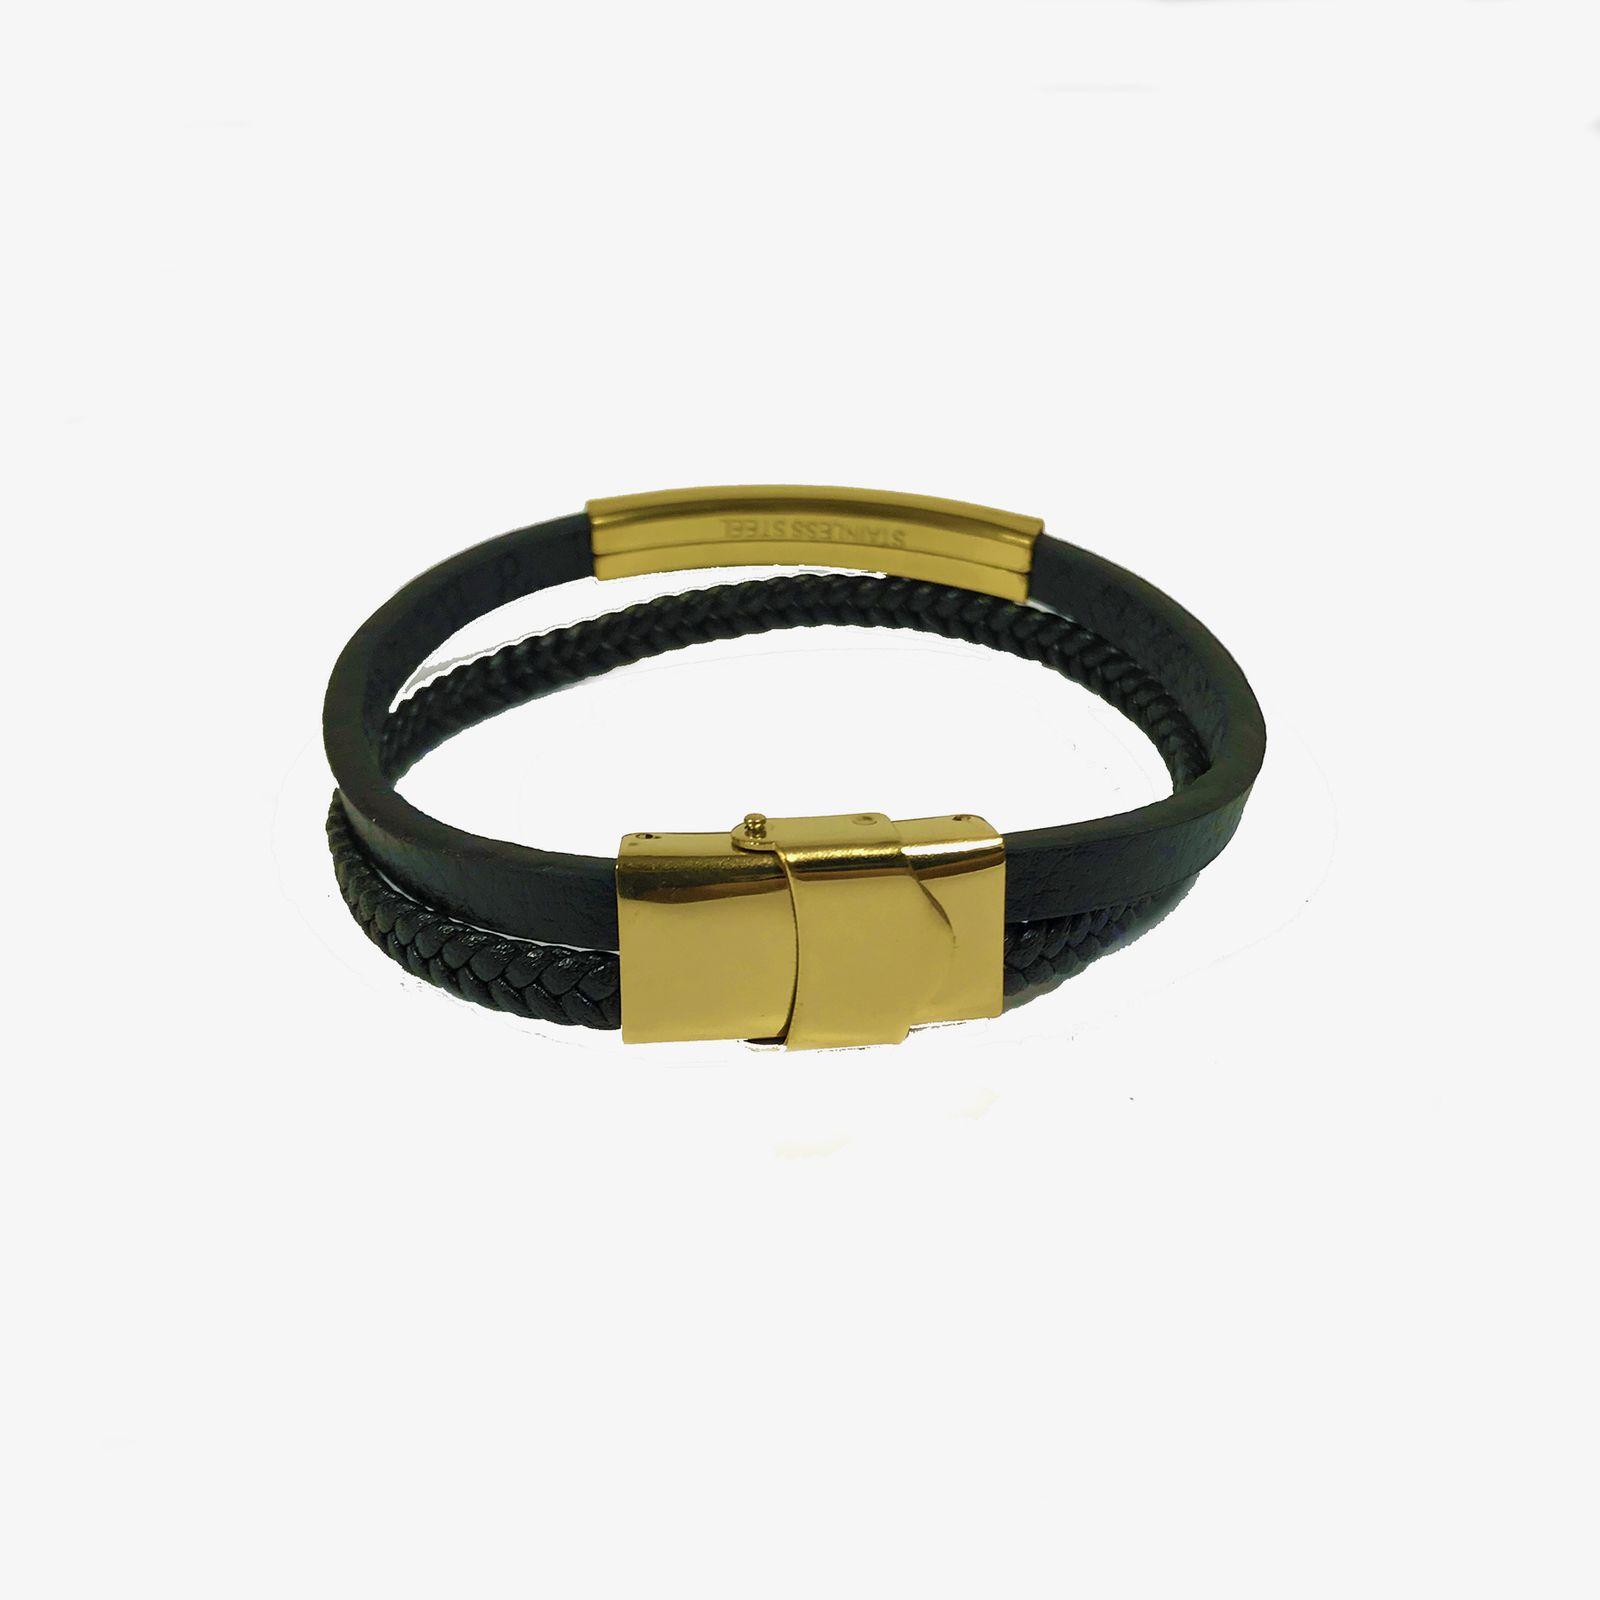 دستبند مردانه مون بلان  مدل 102 -  - 6